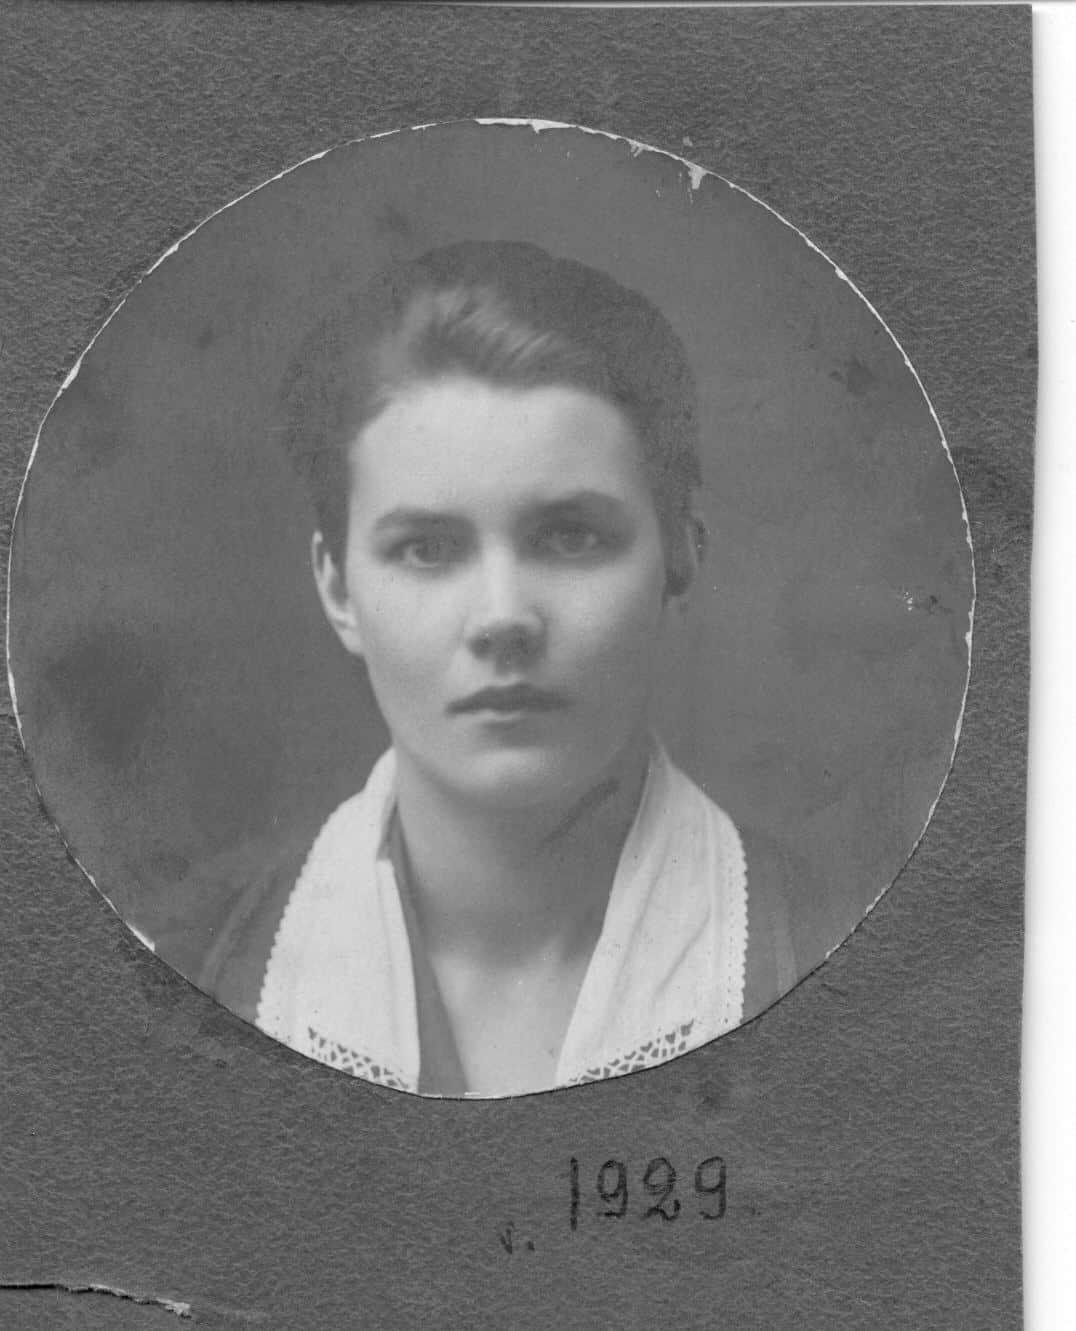 Фото из семейного архива